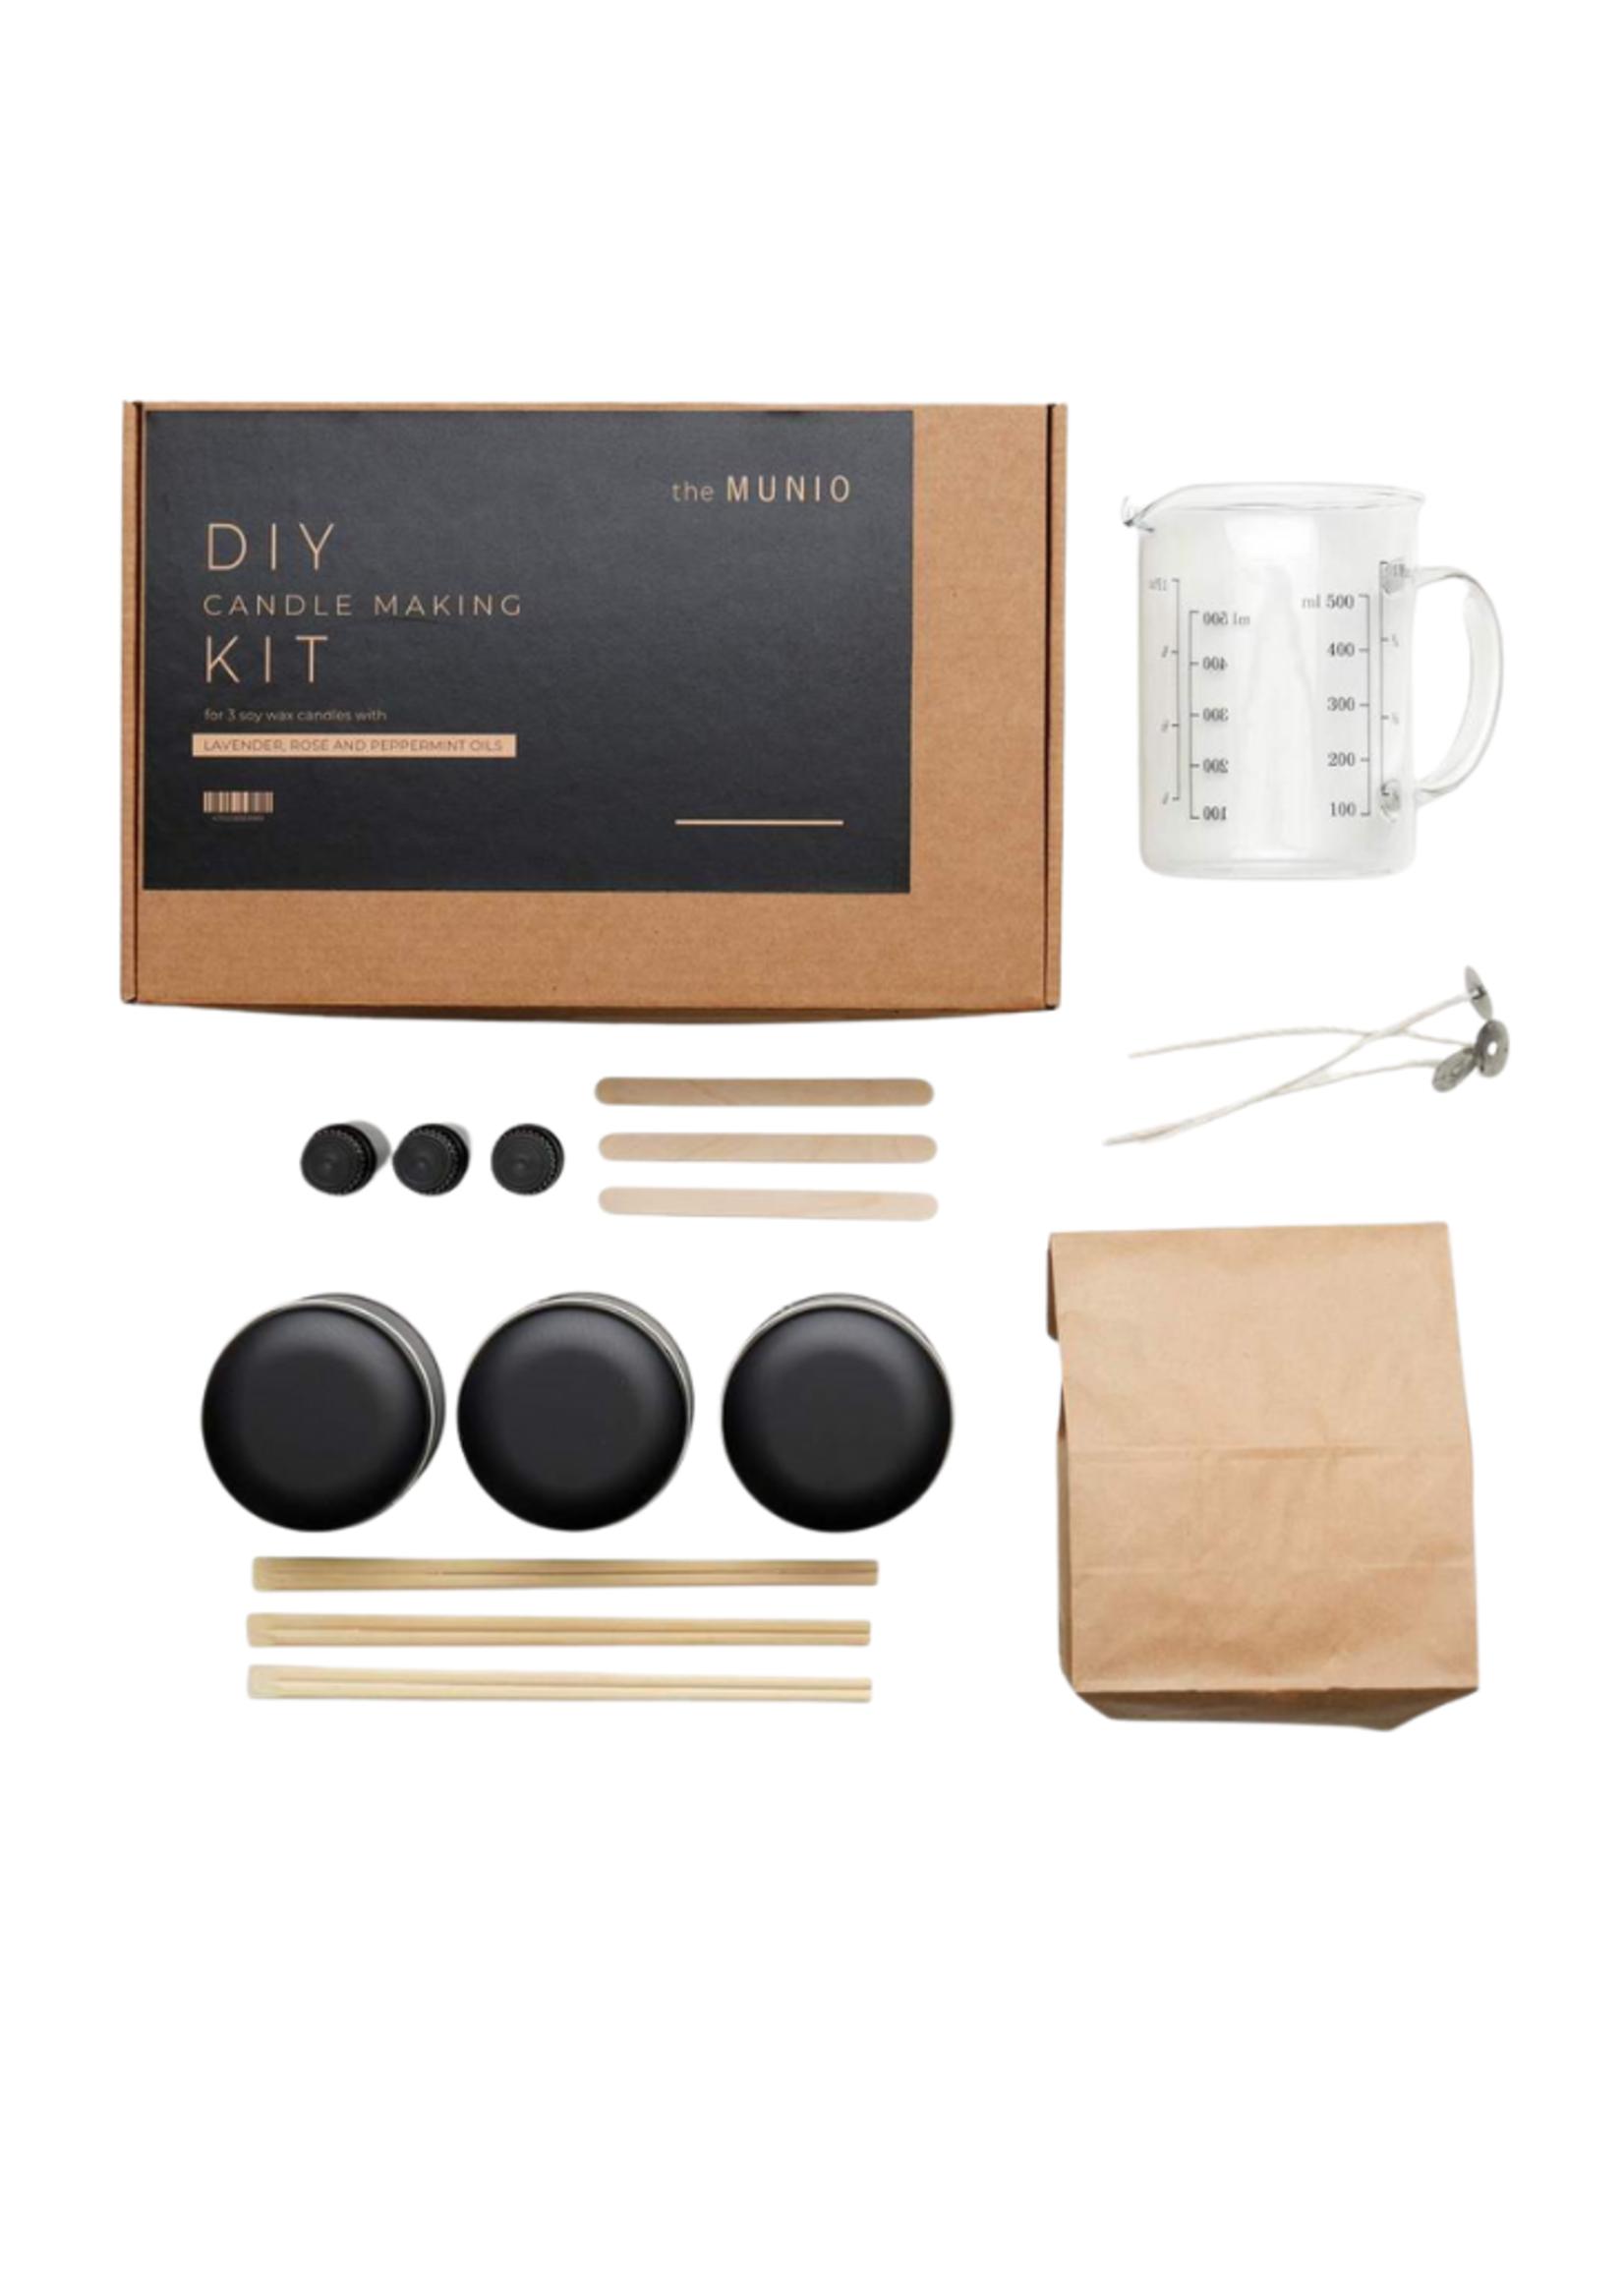 The Munio DIY Candle Making Kit